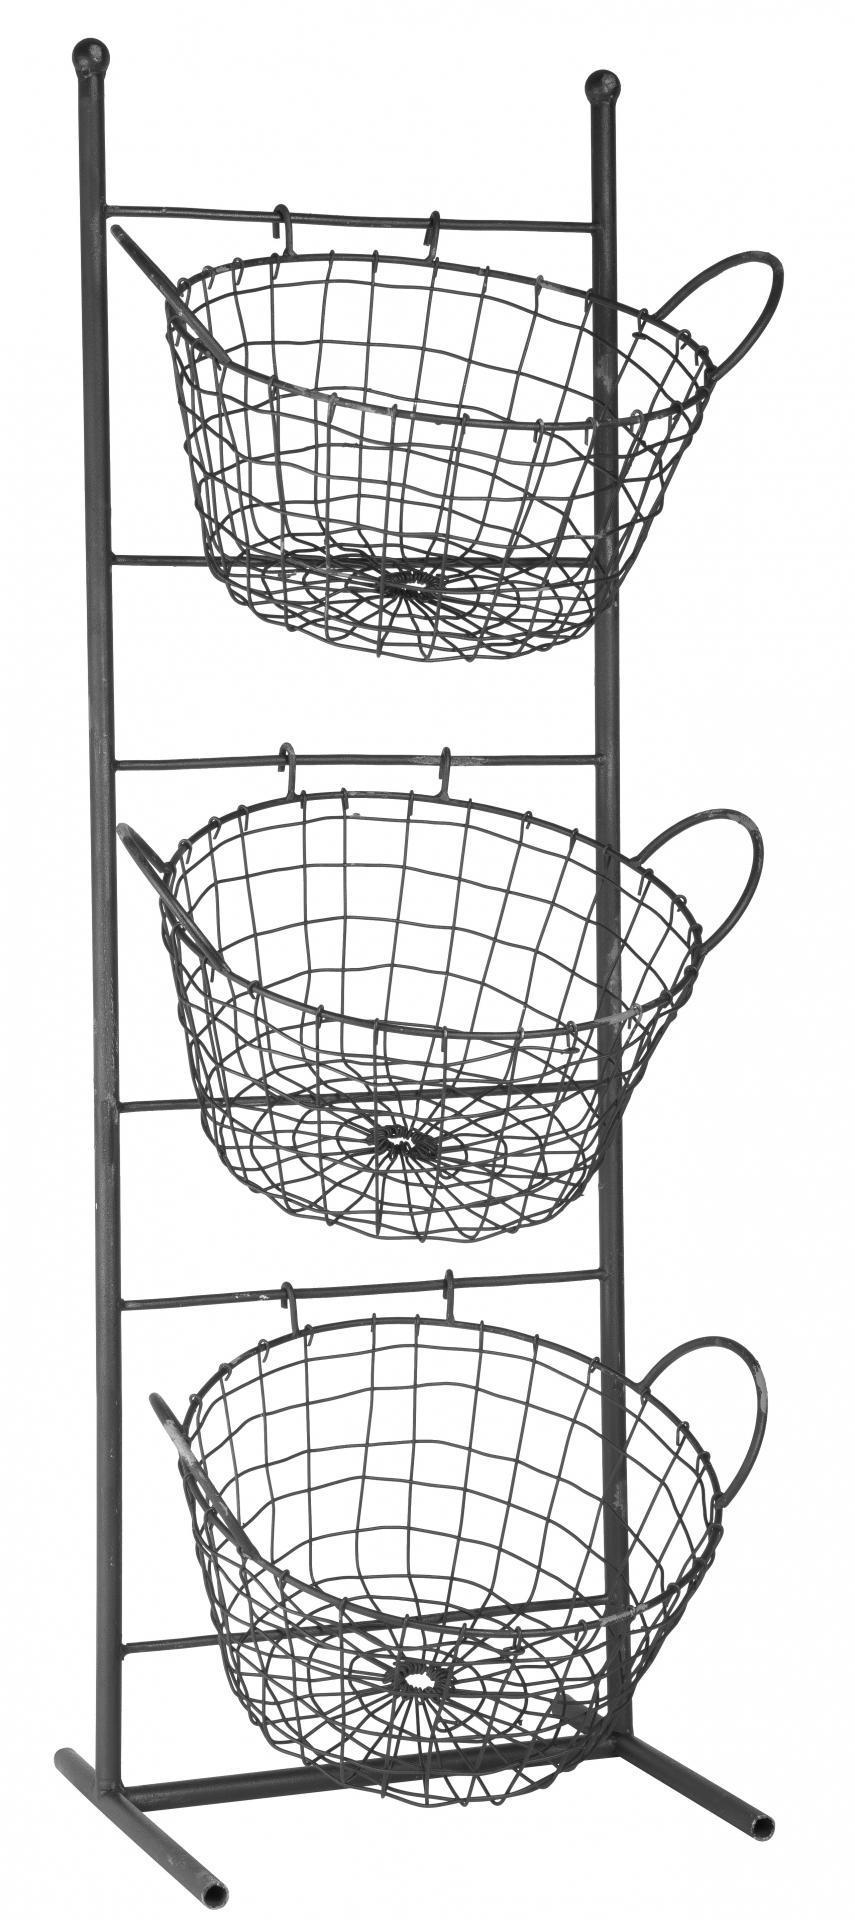 IB LAURSEN Kovový stojan s košíky Metal, černá barva, kov